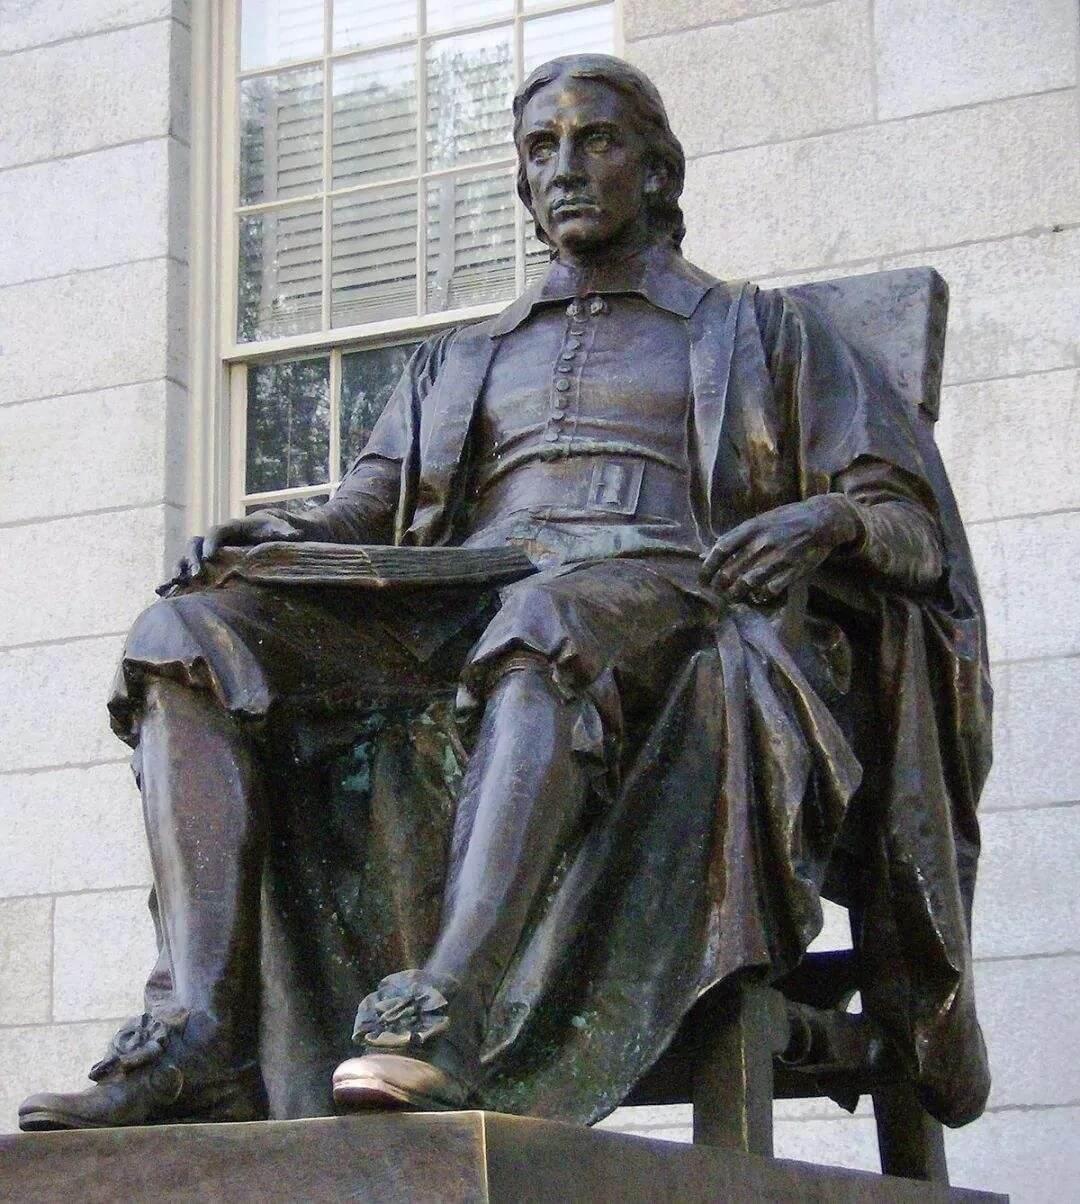 哈佛大学的谎言,UIUC的地下城,校园中的无头鬼…美国大学有哪些神秘传言?